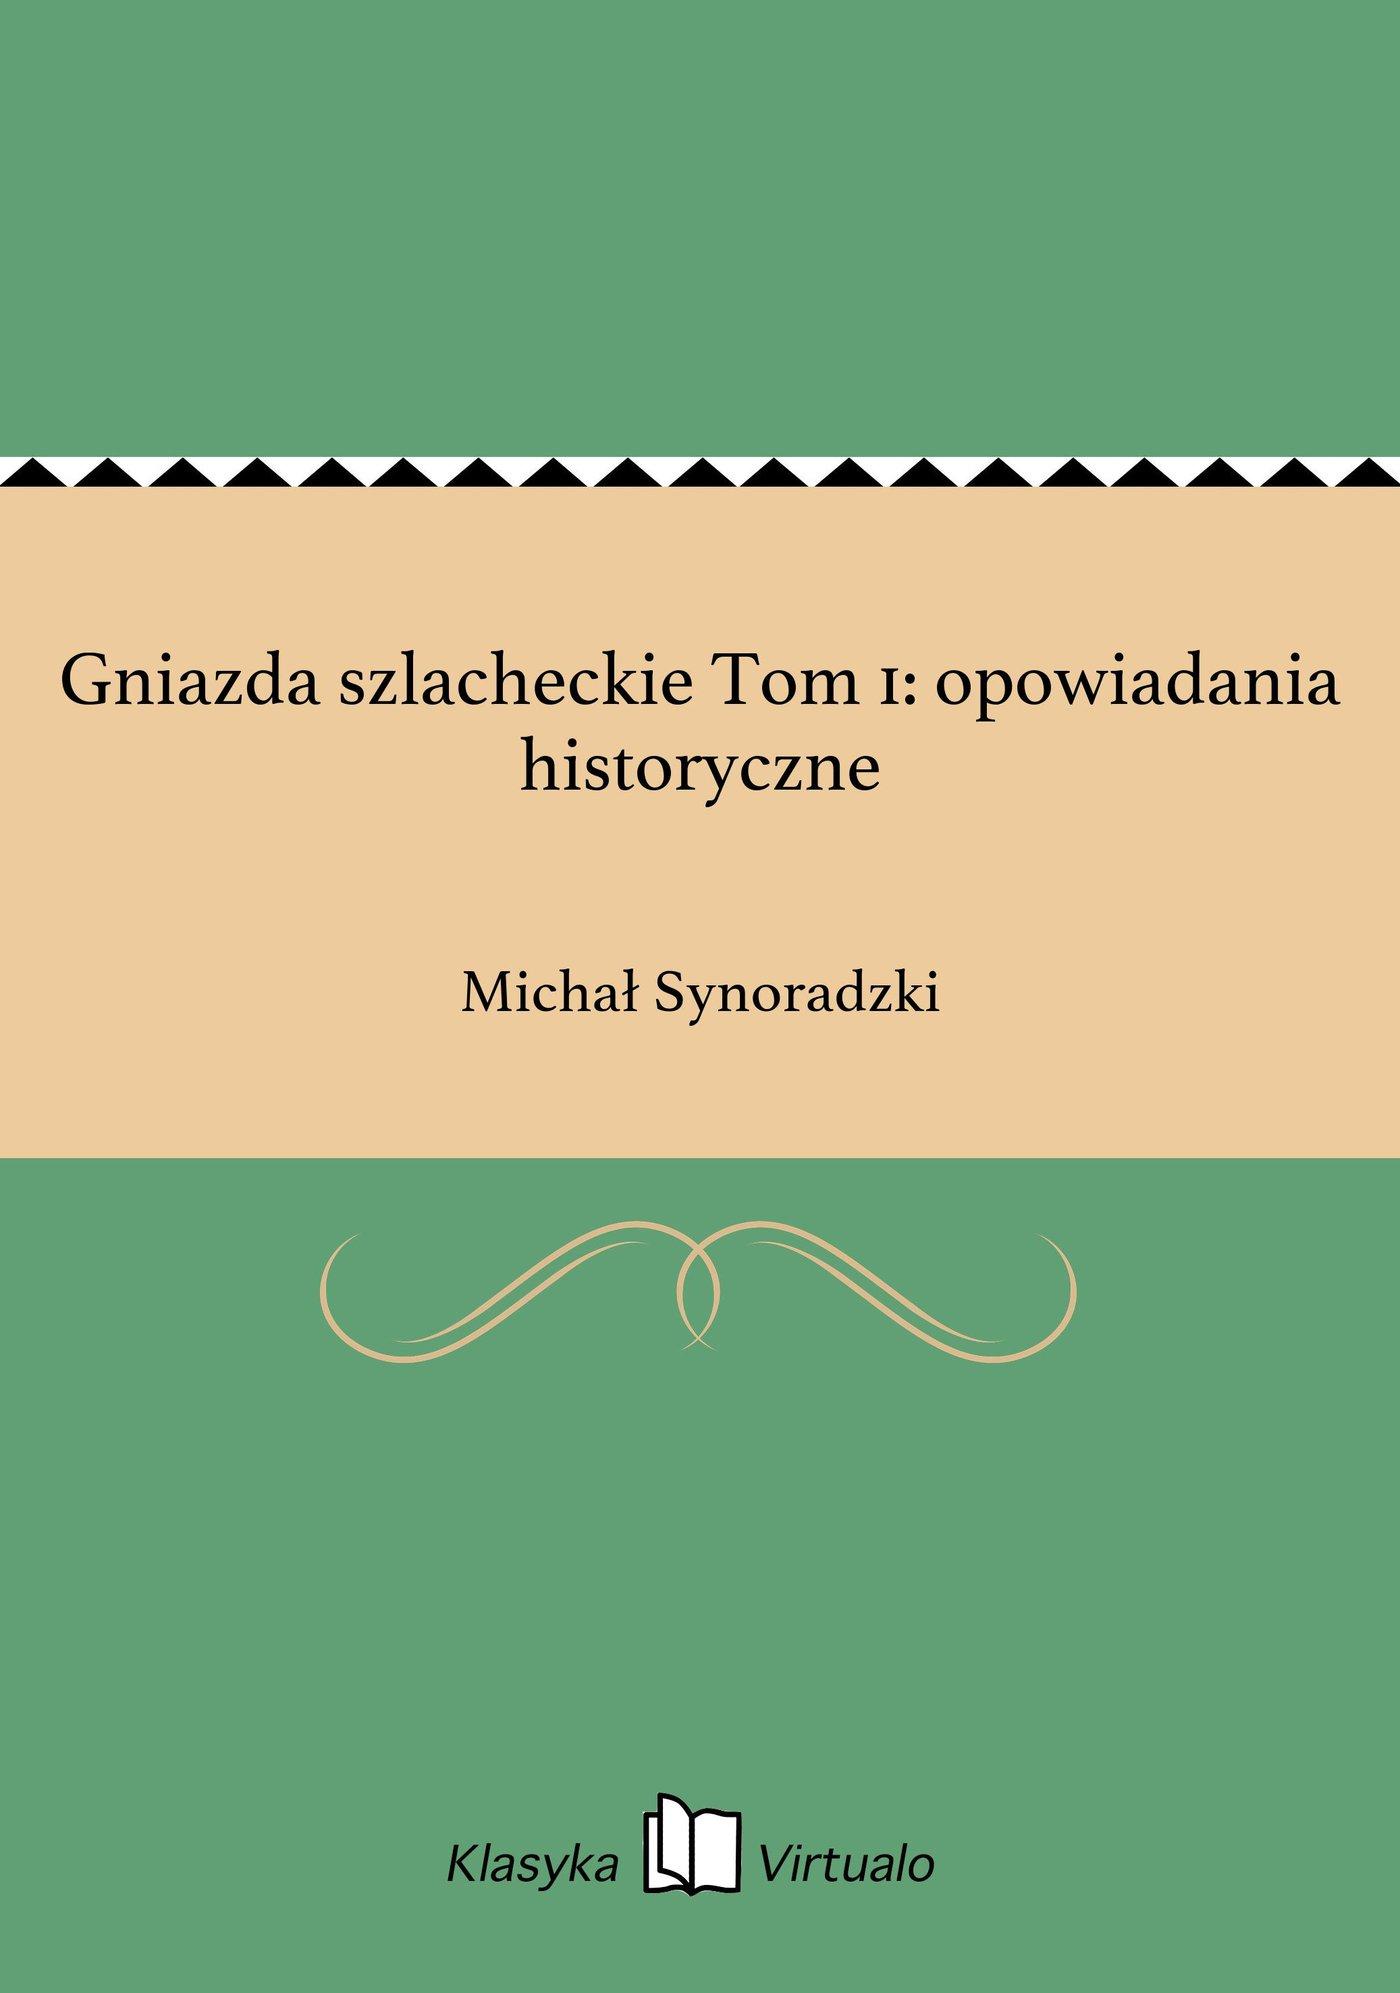 Gniazda szlacheckie Tom 1: opowiadania historyczne - Ebook (Książka EPUB) do pobrania w formacie EPUB